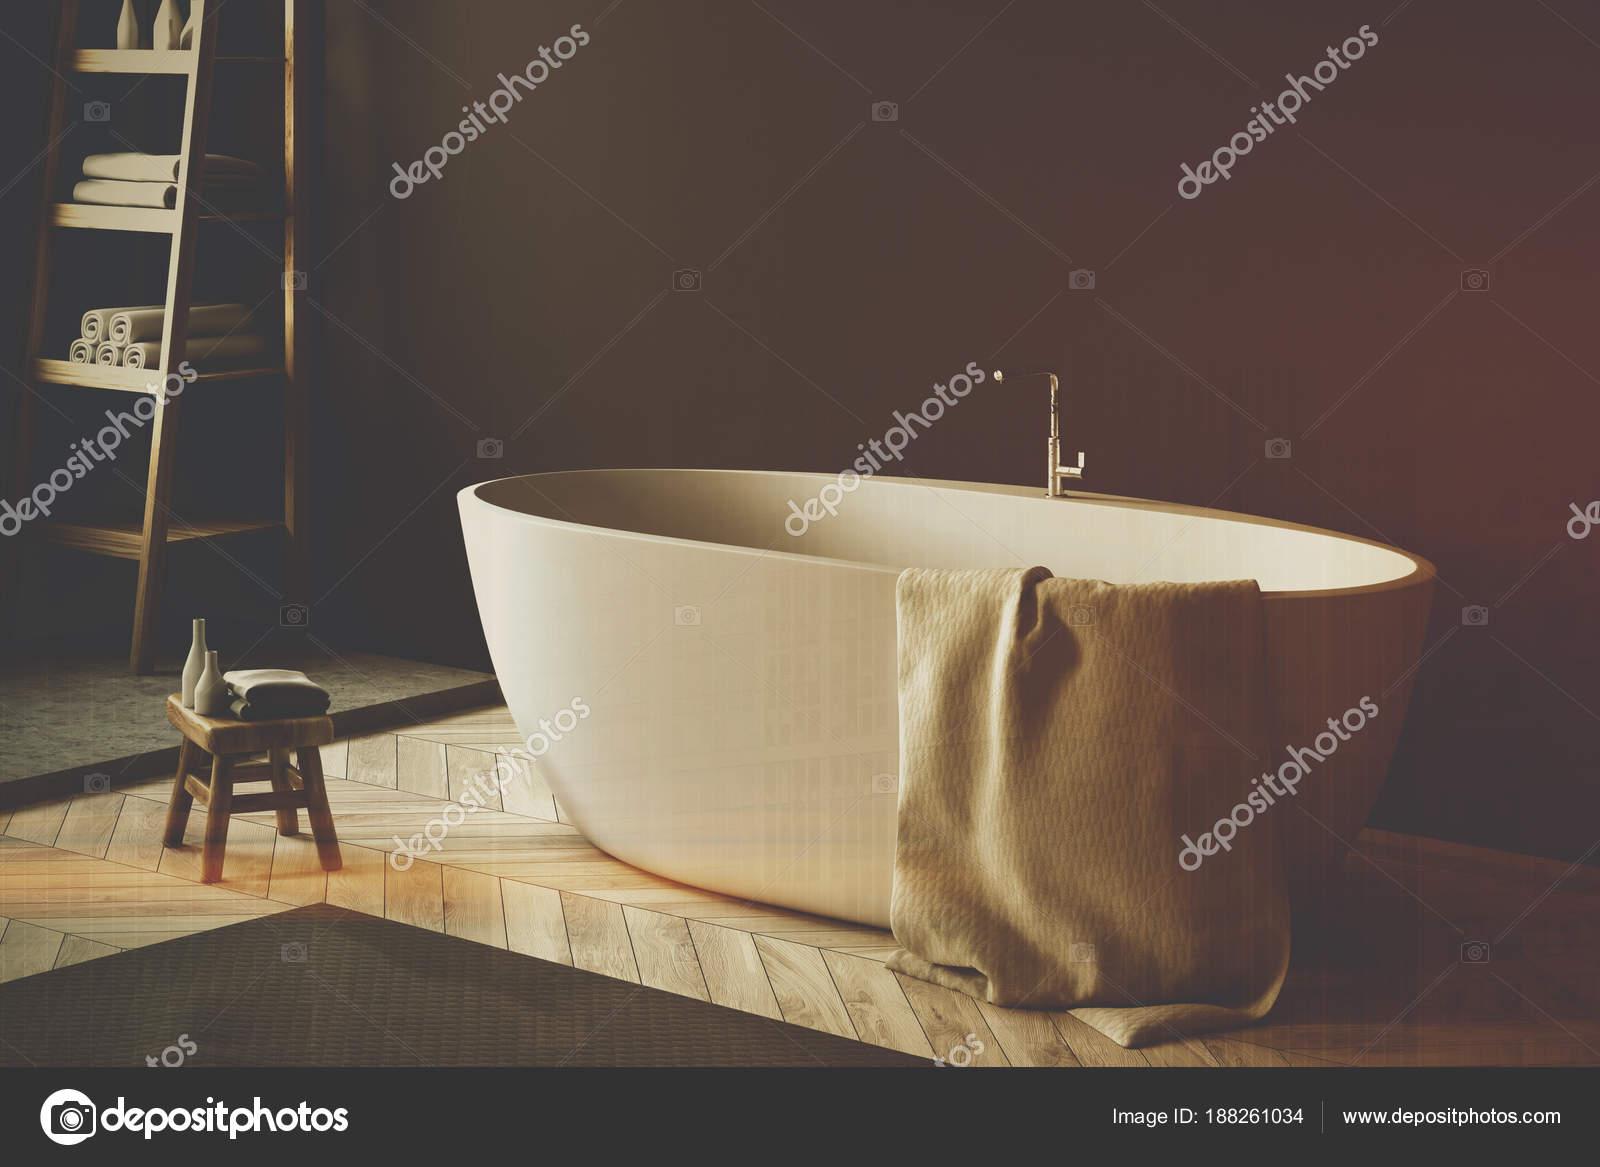 Vasca Da Bagno Rustica : Vasca da bagno bianca in un angolo del bagno nero tonico u foto